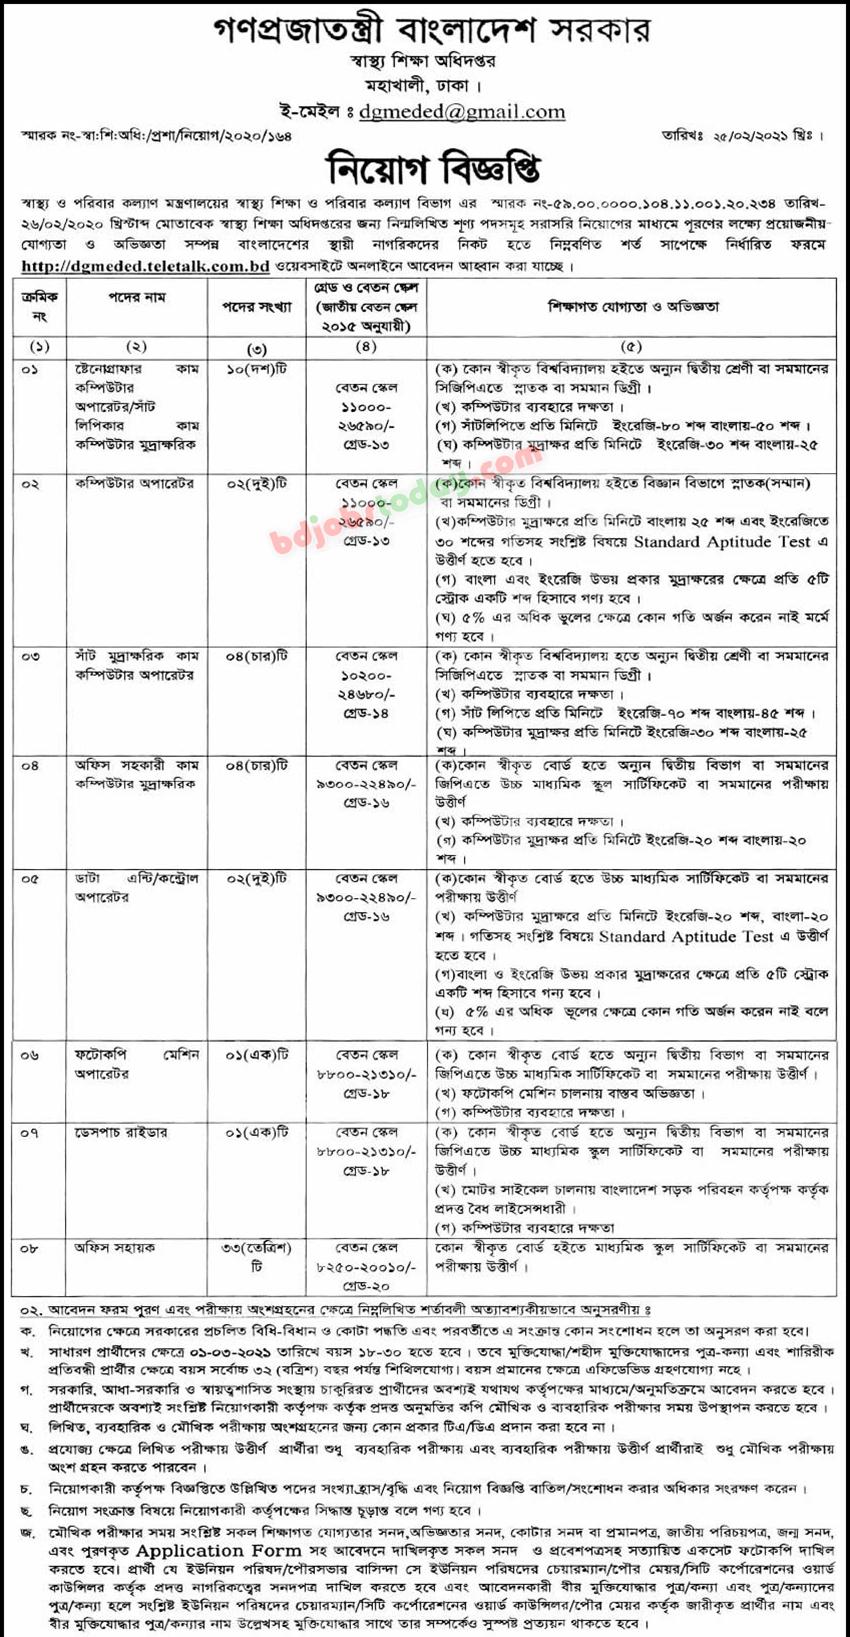 Directorate General of Medical Education DGME Job Circular 2021 image / PDF Download